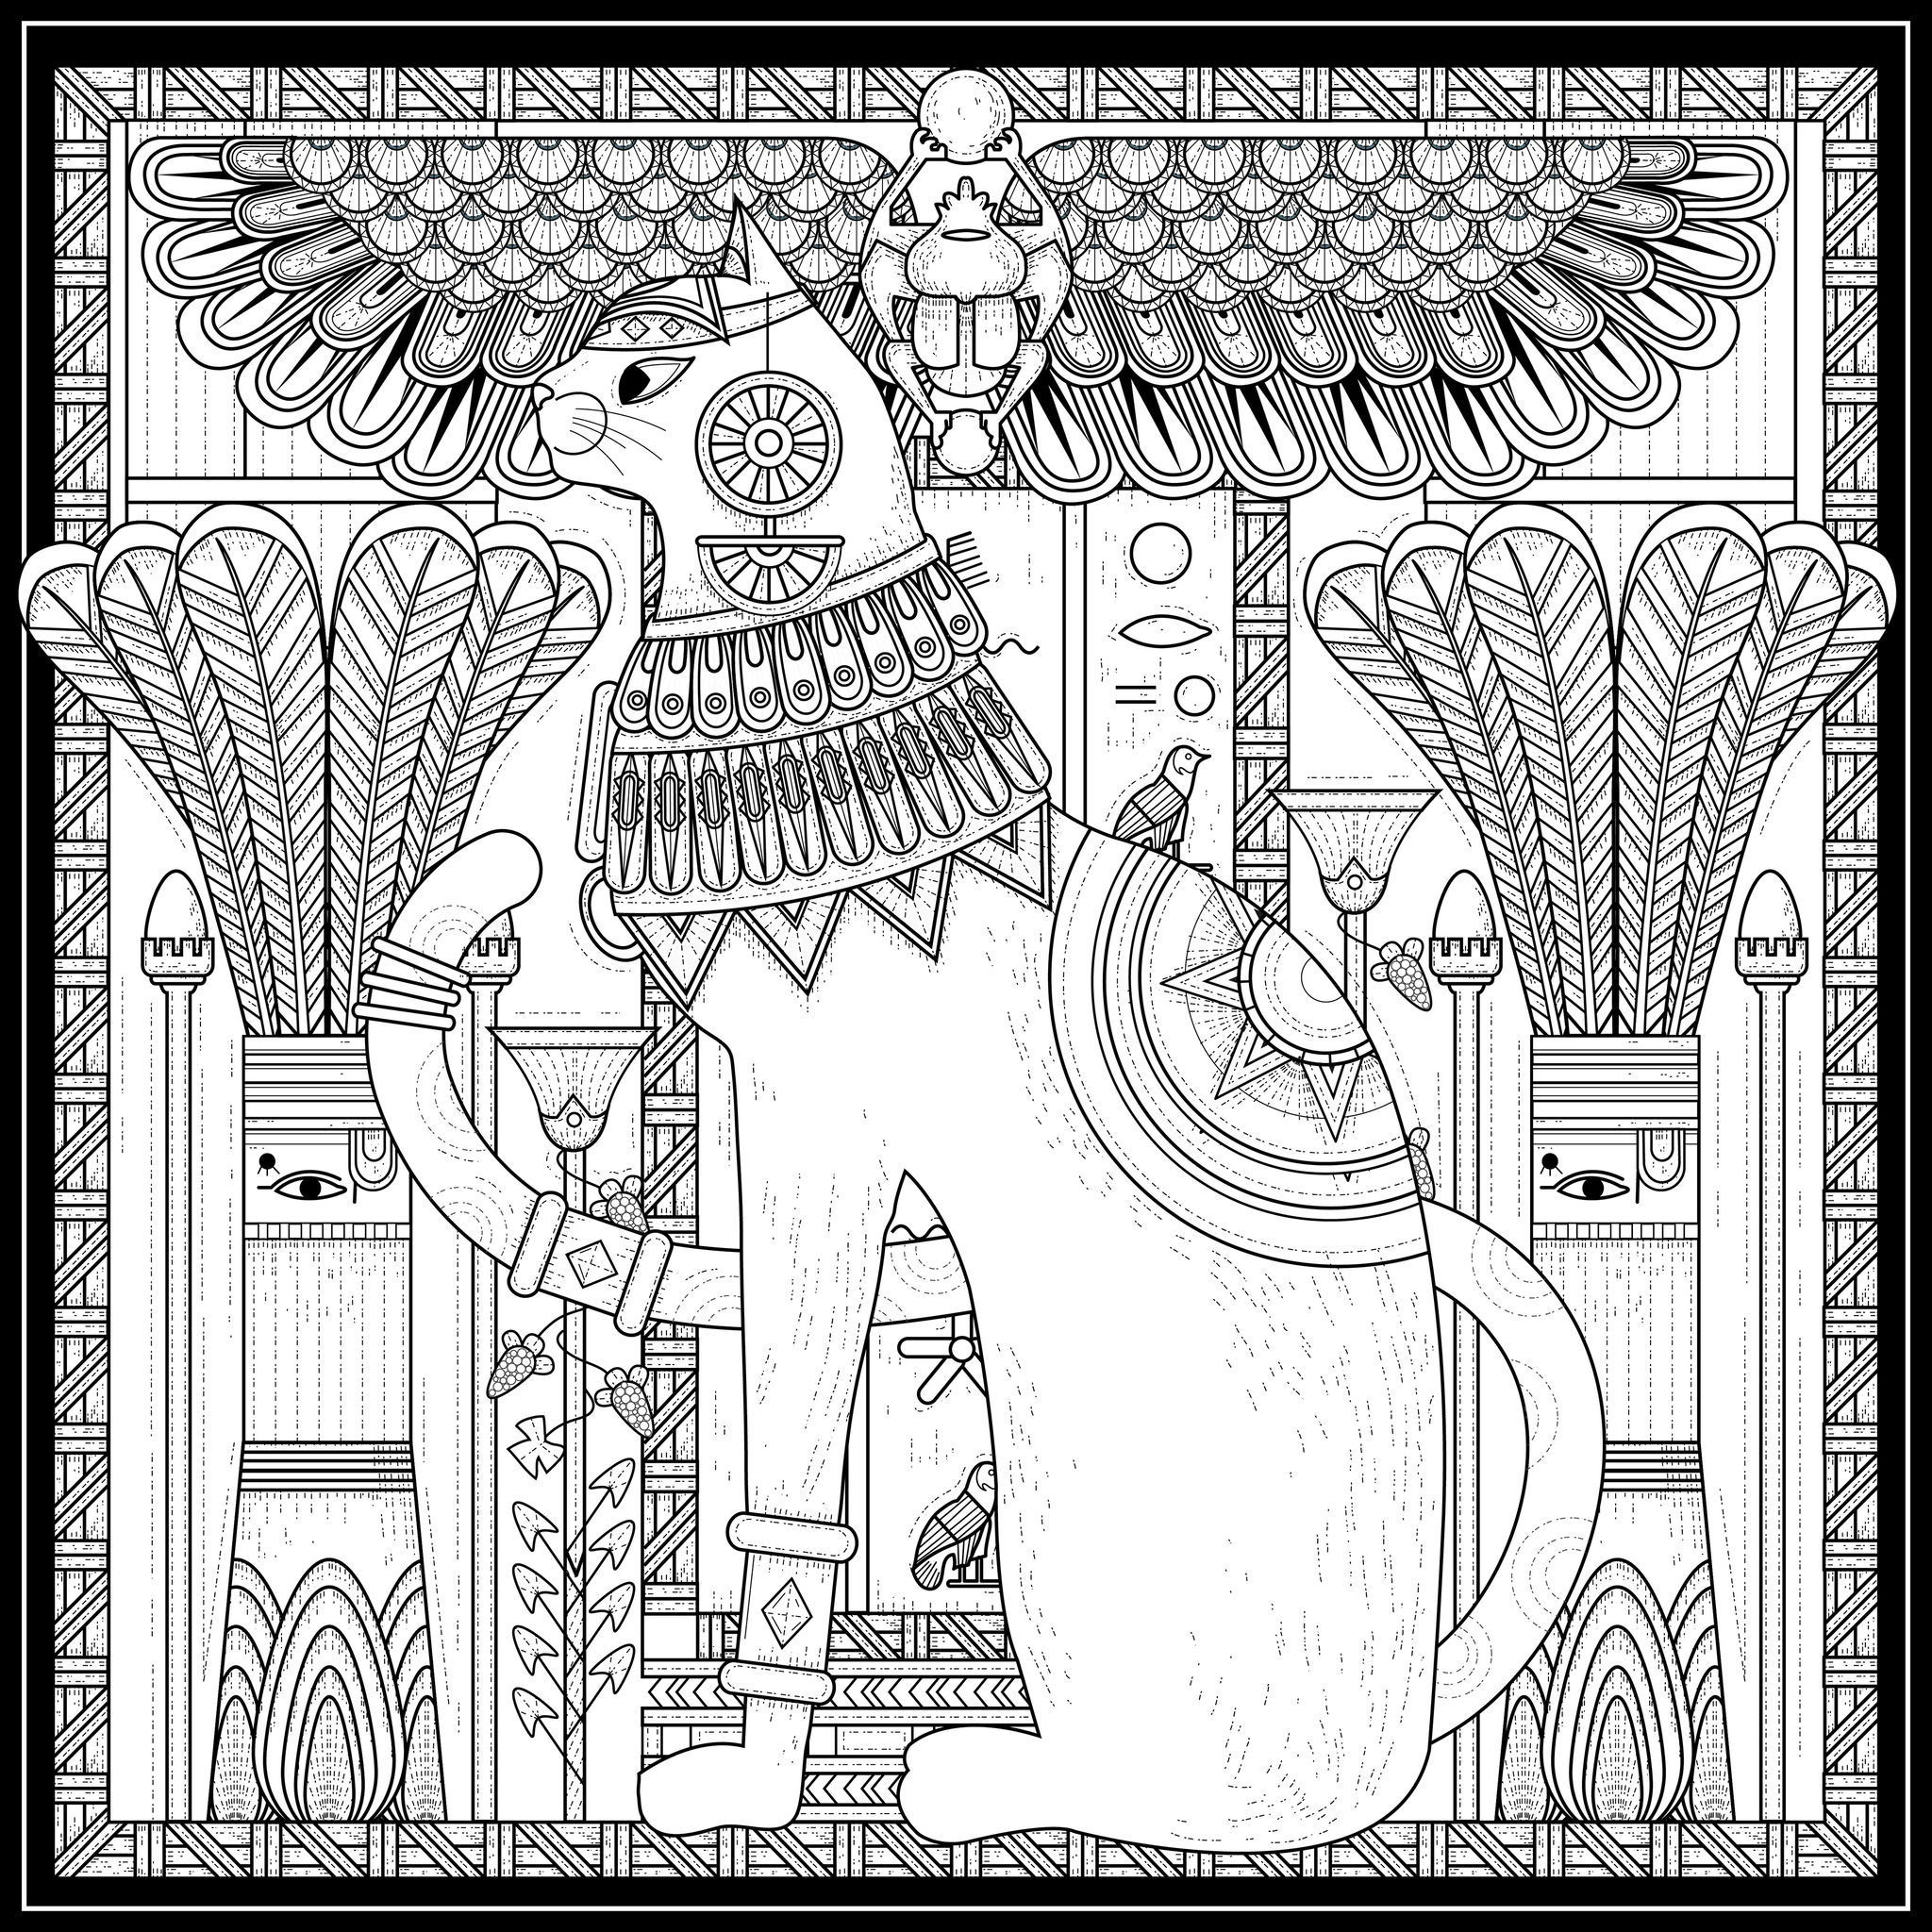 Coloriage pour adultes complexe sur le thème de l'Egypte : Chat Egyptien, par Kchung